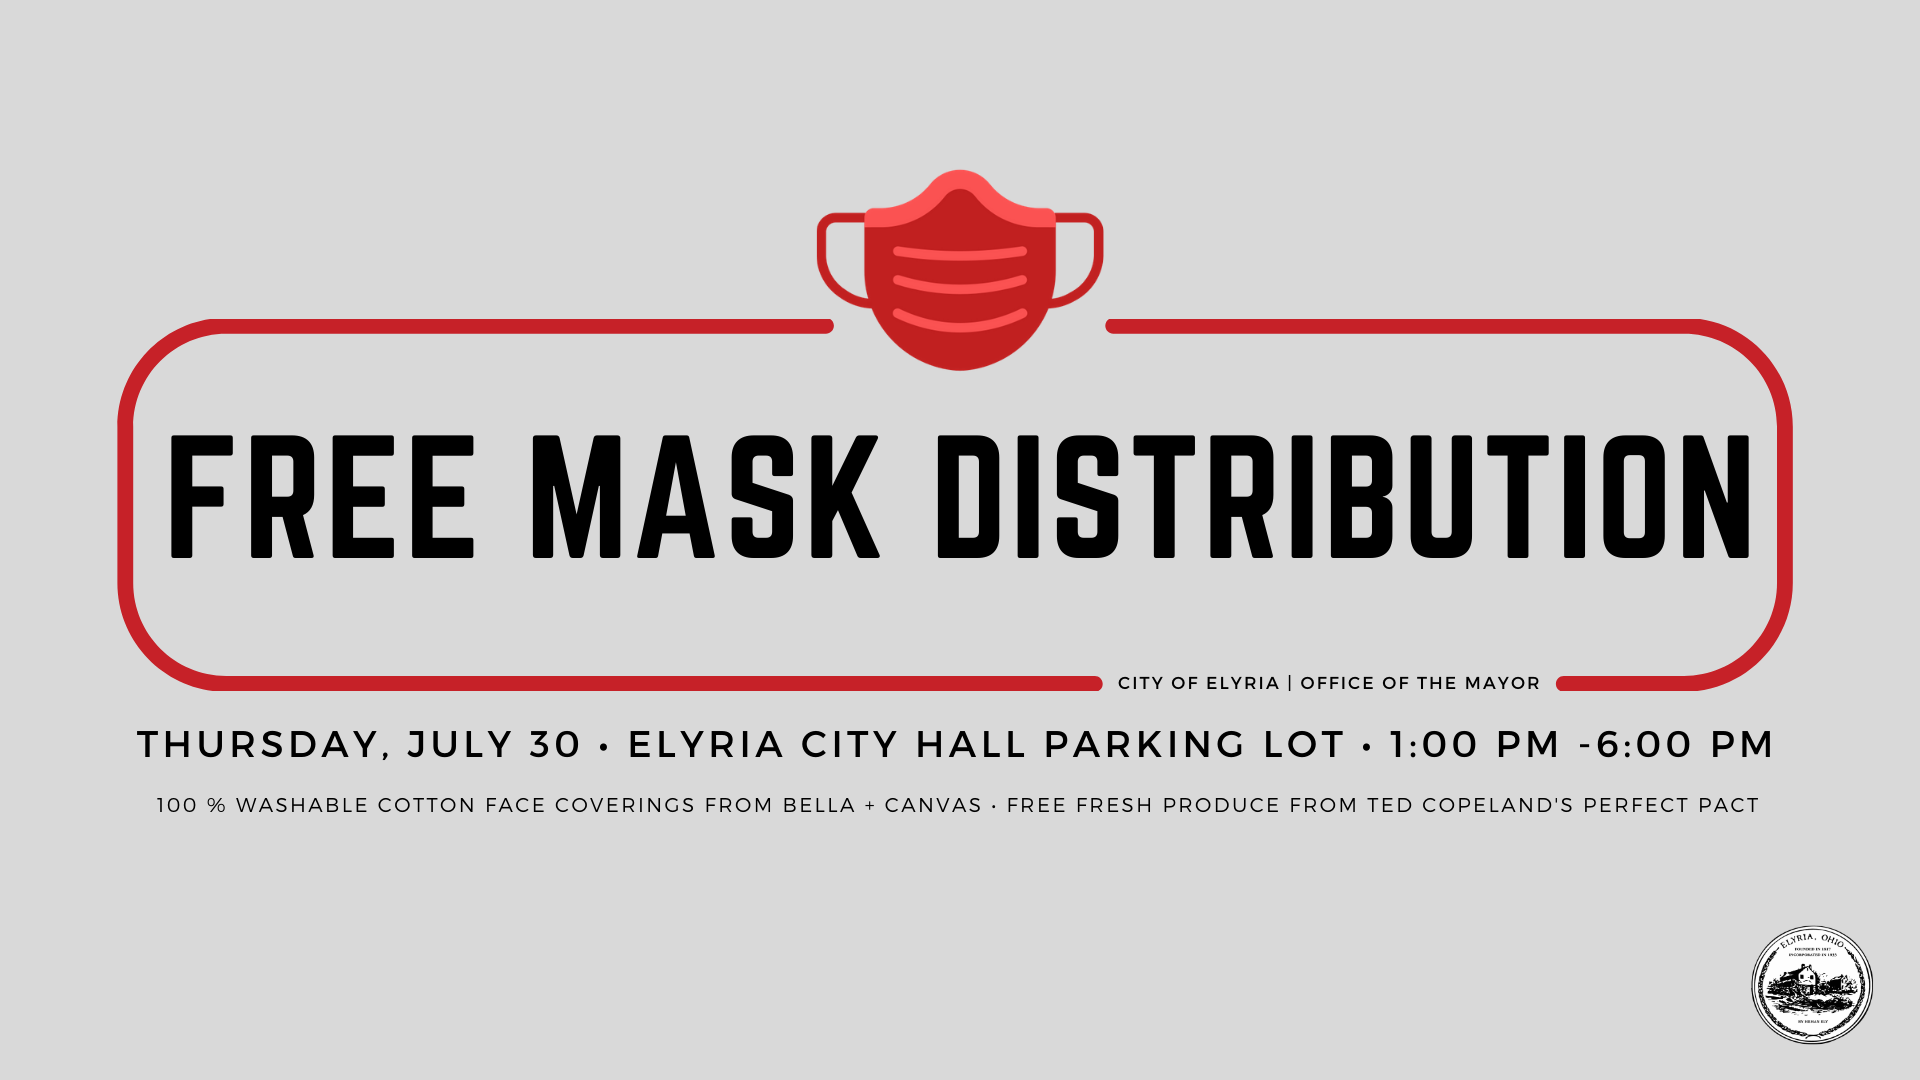 Mask Distribution on Thursday July 30